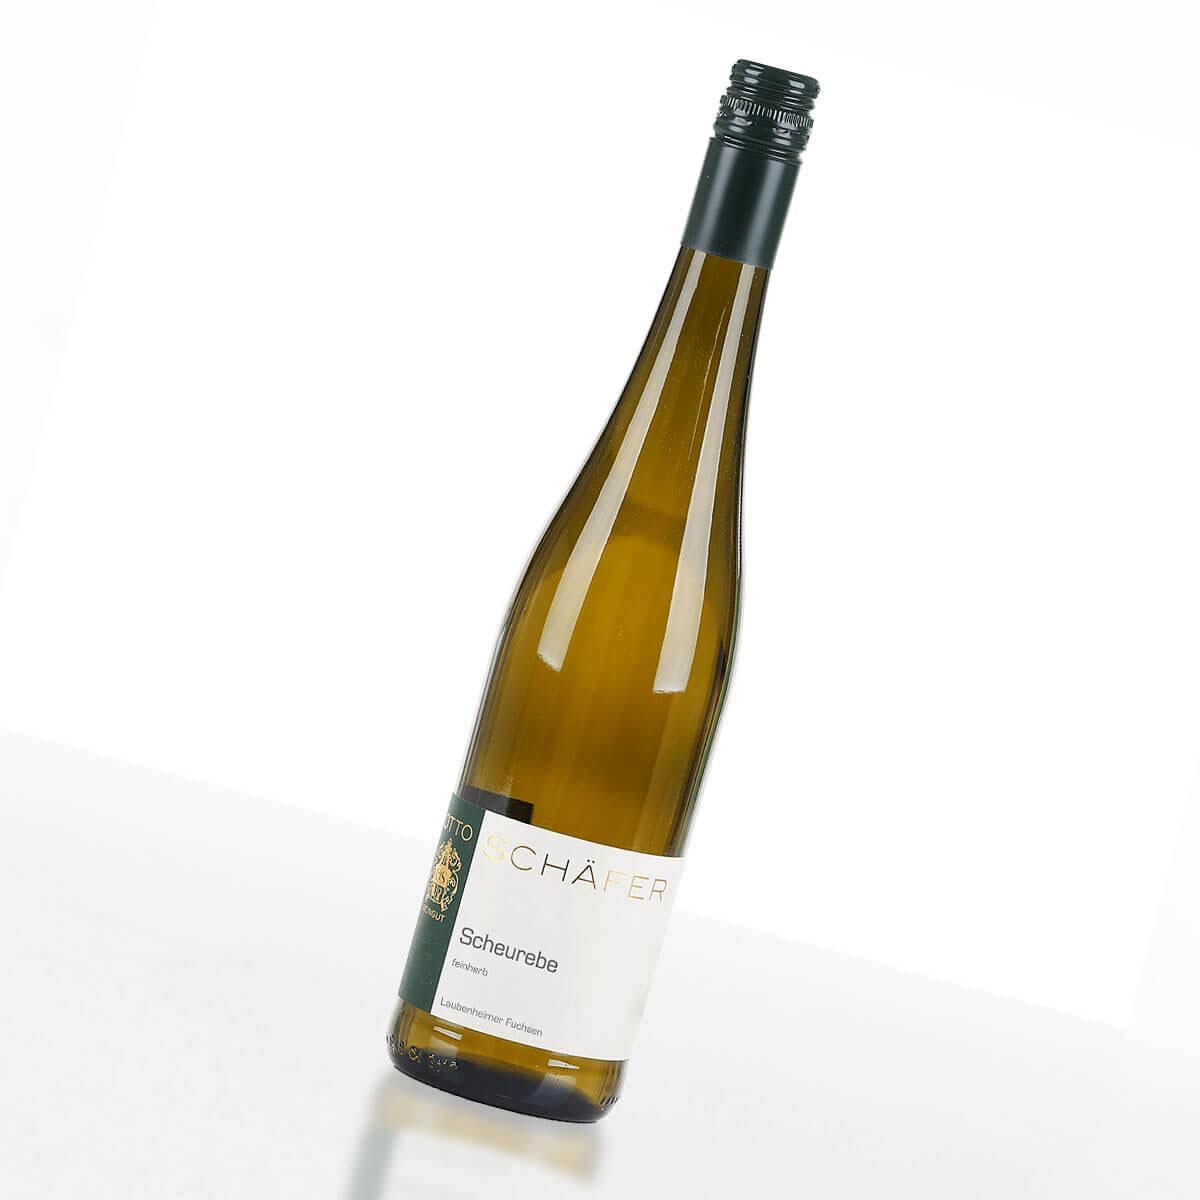 2019er Scheurebe feinherb • Weingut Otto Schäfer